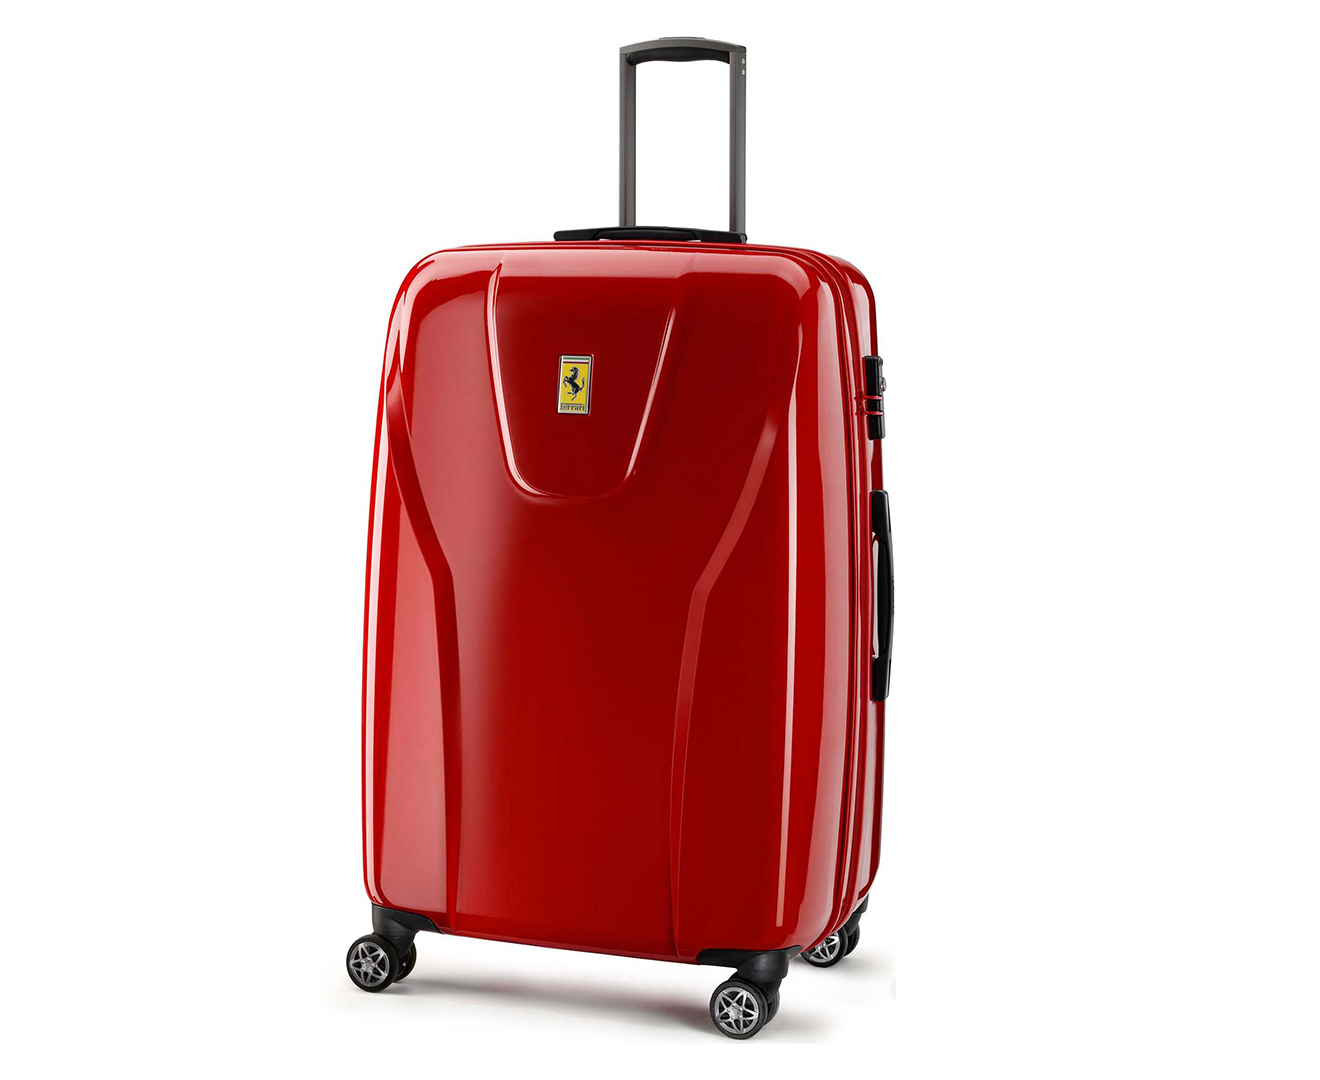 Ferrari Large 4W Hardcase Luggage - Red   Scoopon Shopping